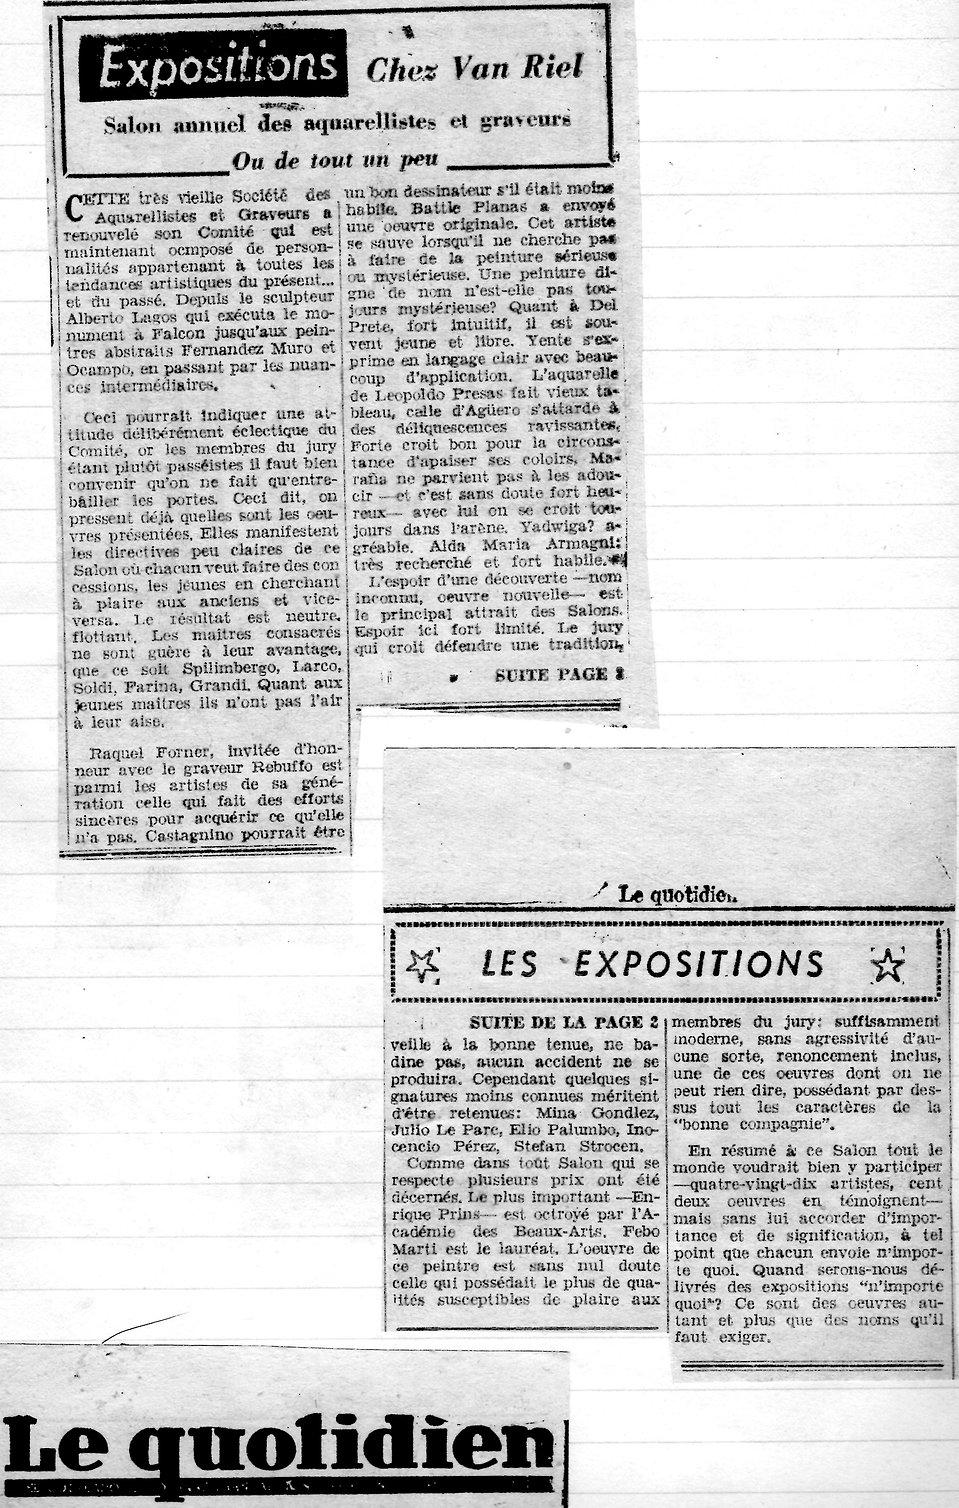 Le Quotidien -Chez Van Riel, Salon Annue